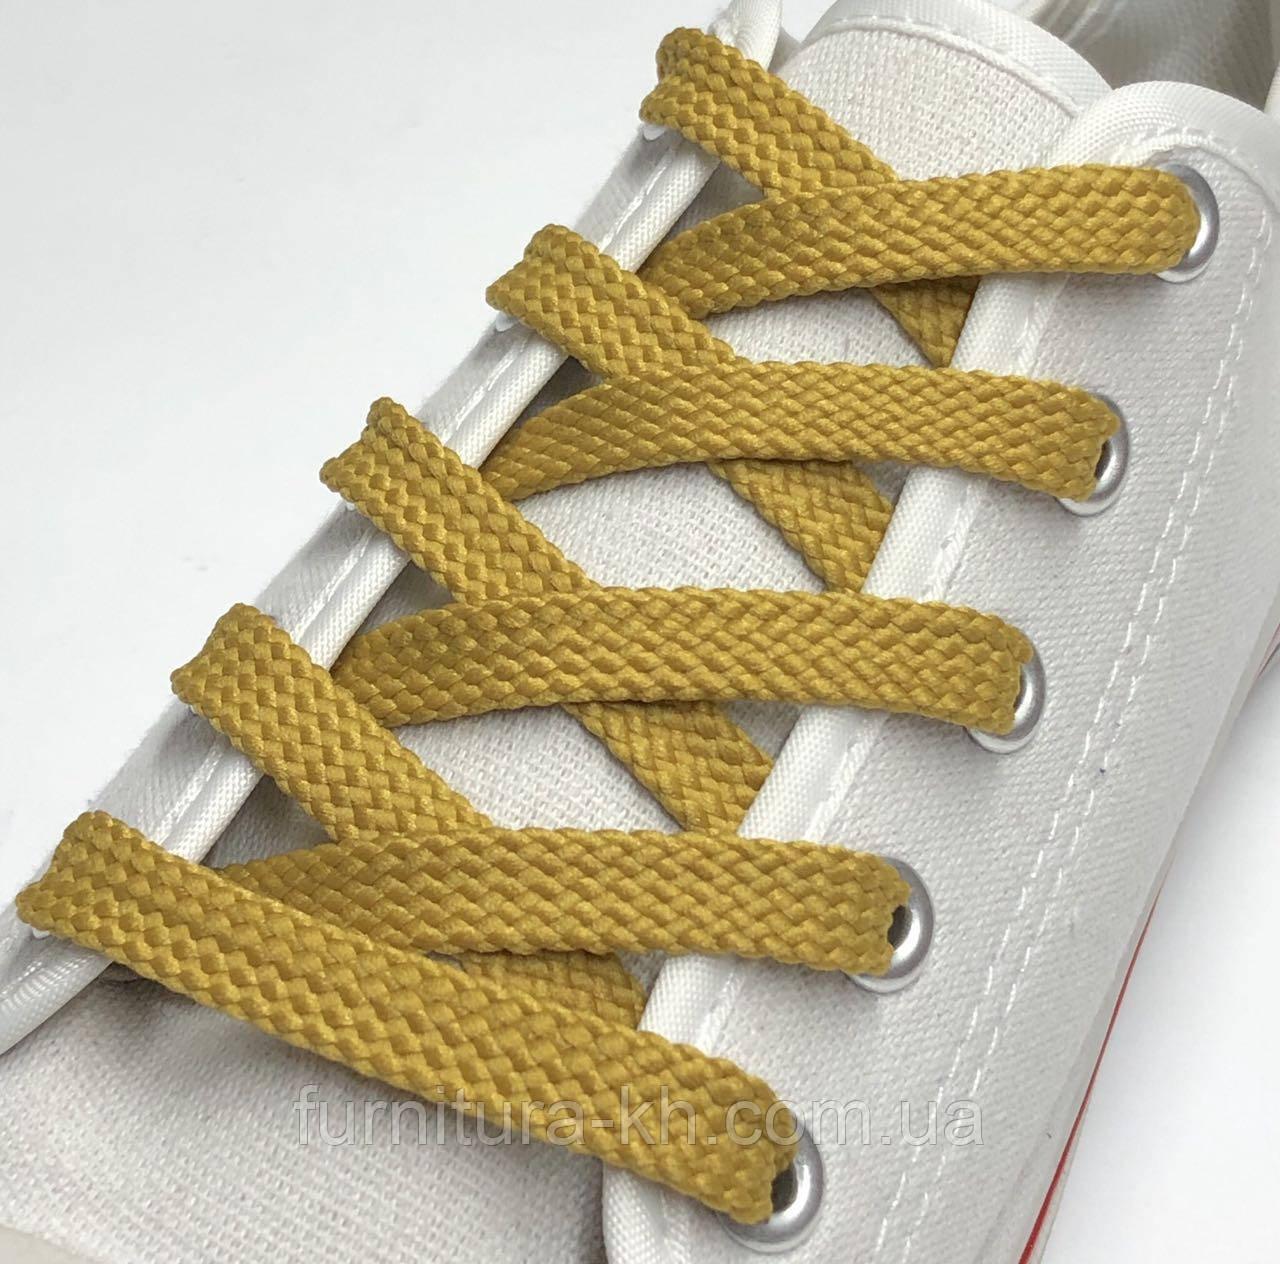 Шнурок Простой Плоский Длинна 1,2 м  цвет Светло Рыжий   (ширина 7 мм)